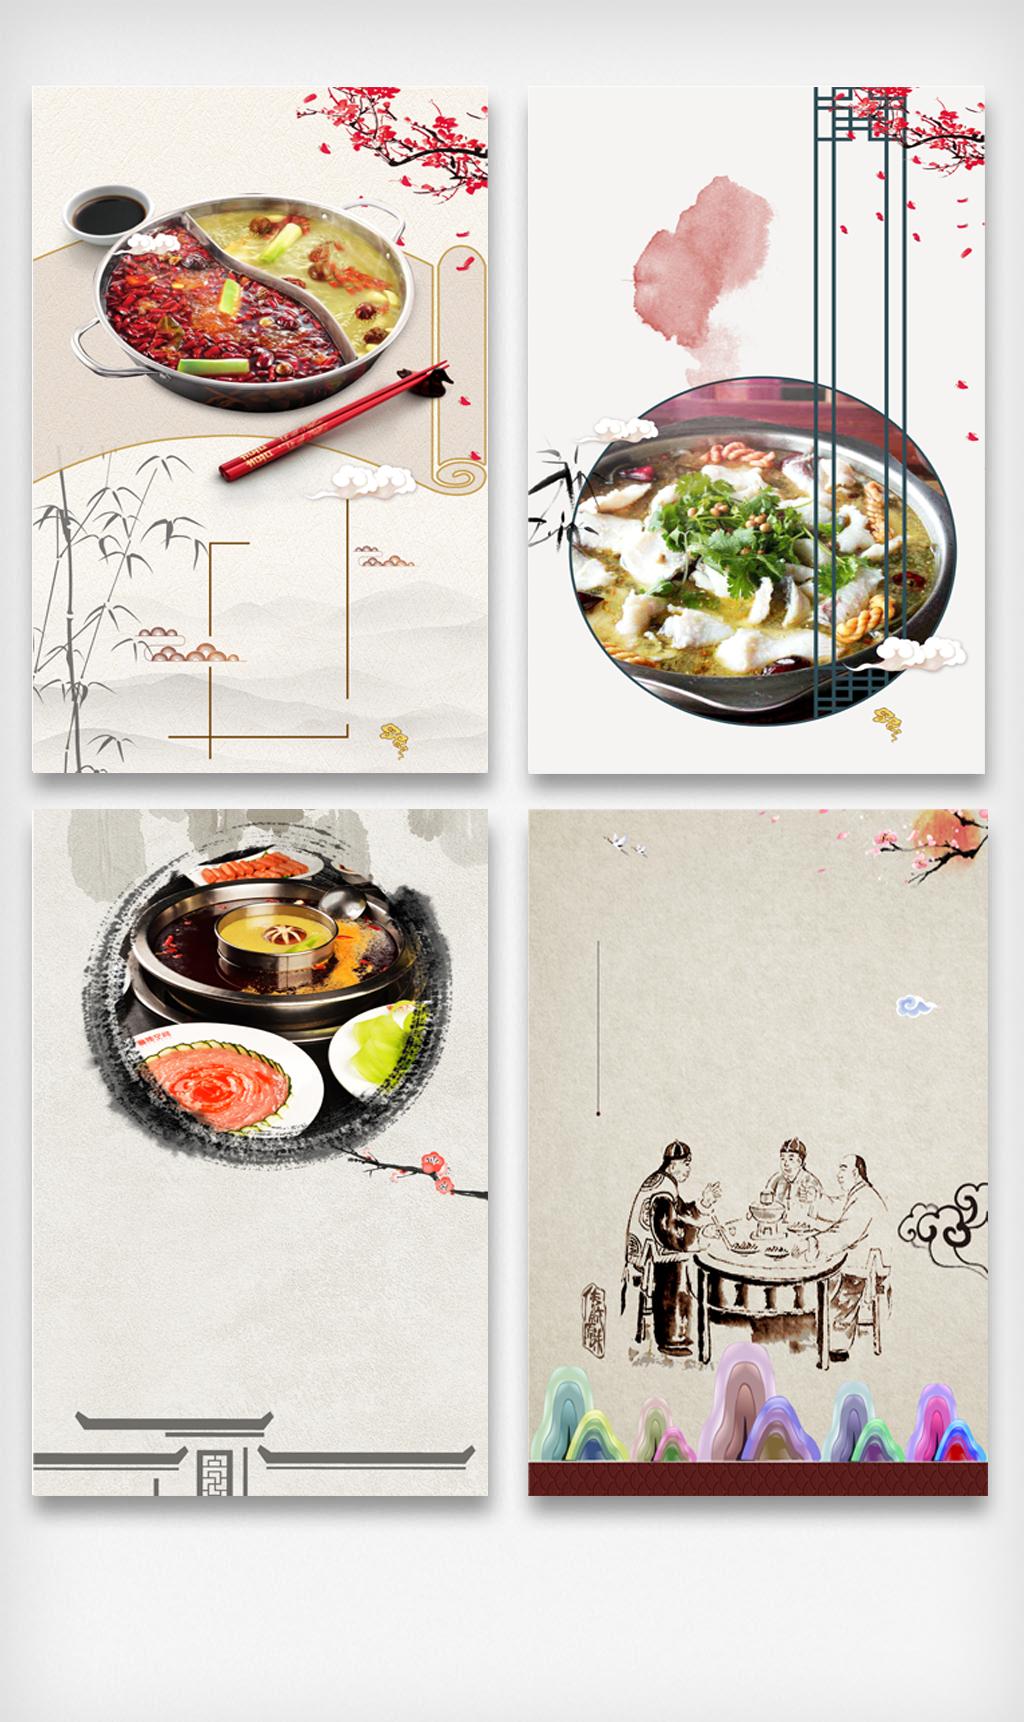 中国风手绘火锅海报背景元素